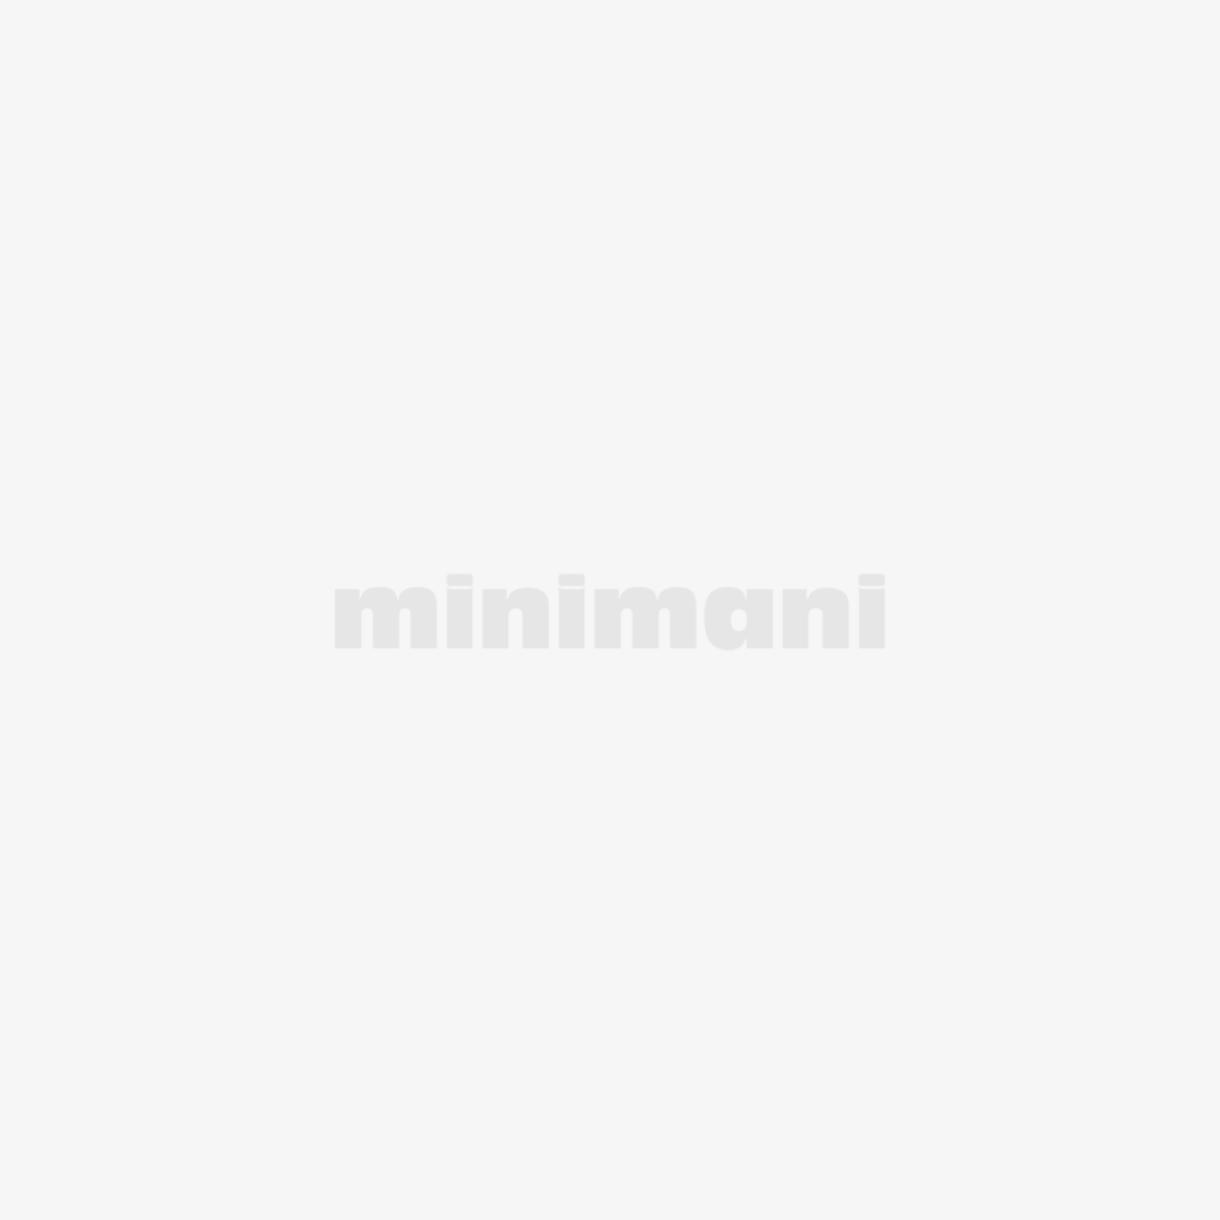 MAGLITE MINI LED MUSTA 2XAAA 84LM 116M 5H45 RVT